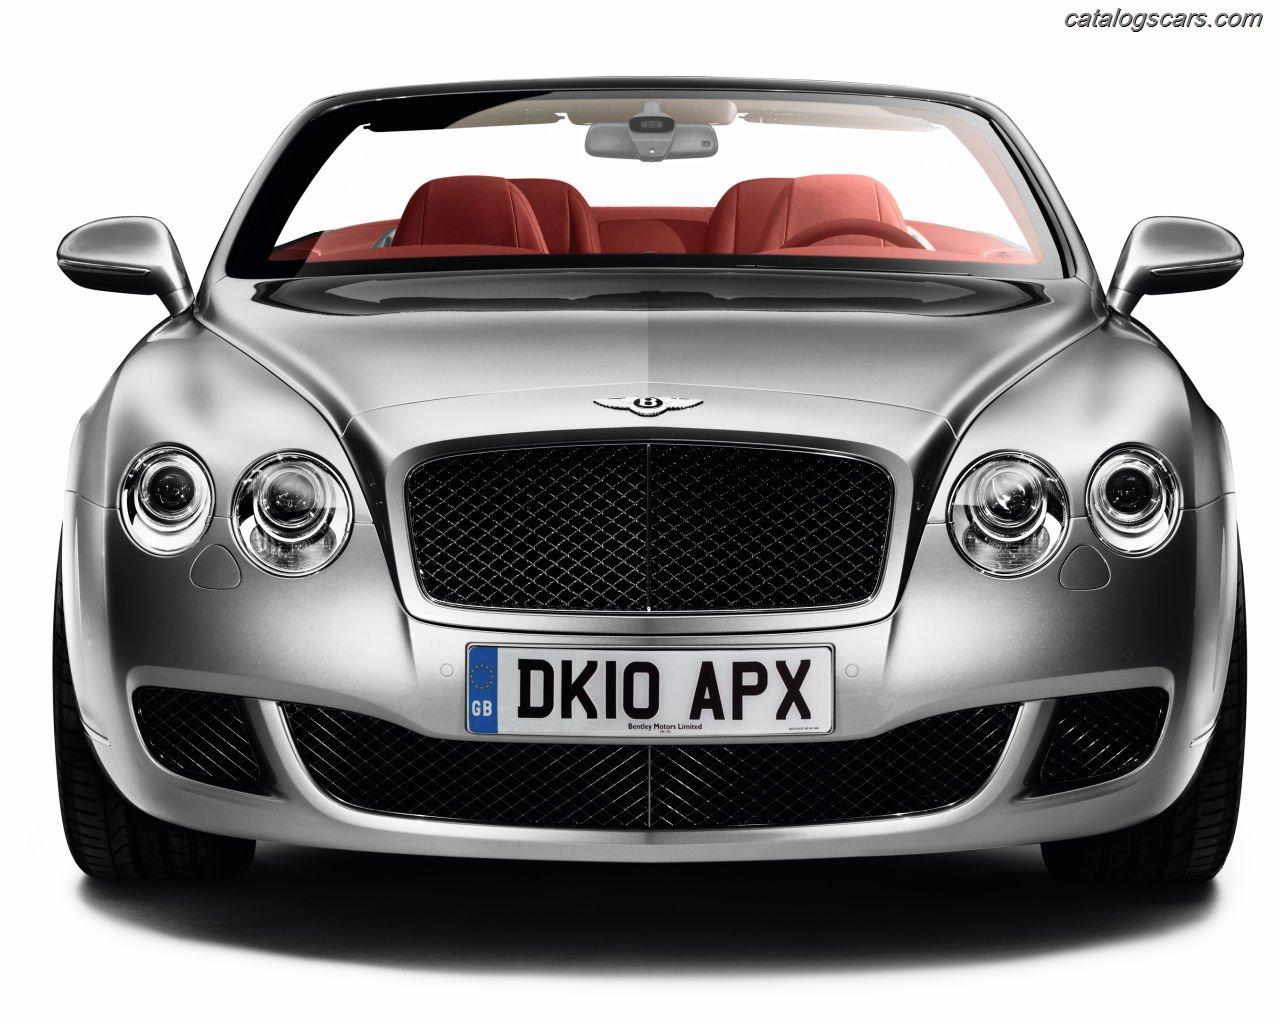 صور سيارة بنتلى كونتيننتال جى تى سى سبيد 2014 - اجمل خلفيات صور عربية بنتلى كونتيننتال جى تى سى سبيد 2014 - Bentley Continental Gtc Speed Photos Bentley-Continental-Gtc-Speed-2011-03.jpg